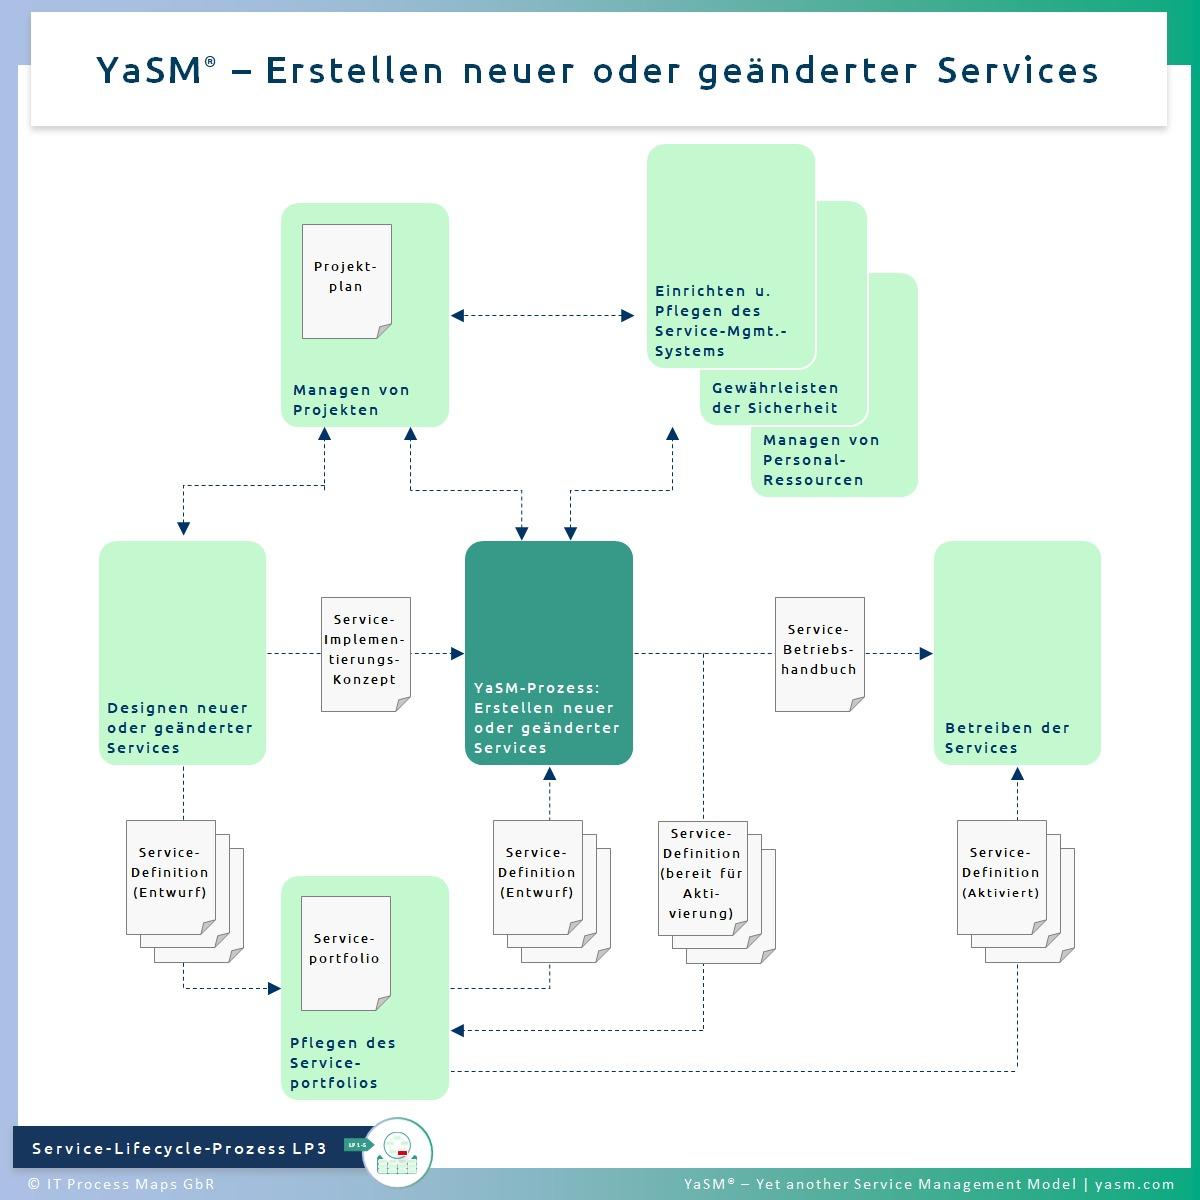 Abb. 1: Erstellen neuer oder geänderter Services. - YaSM Service-Erstellungs-Prozess LP3 (YaSM Service-Implementierung). - Kompatibel mit mehreren ITIL 4 Service Transition Practices.